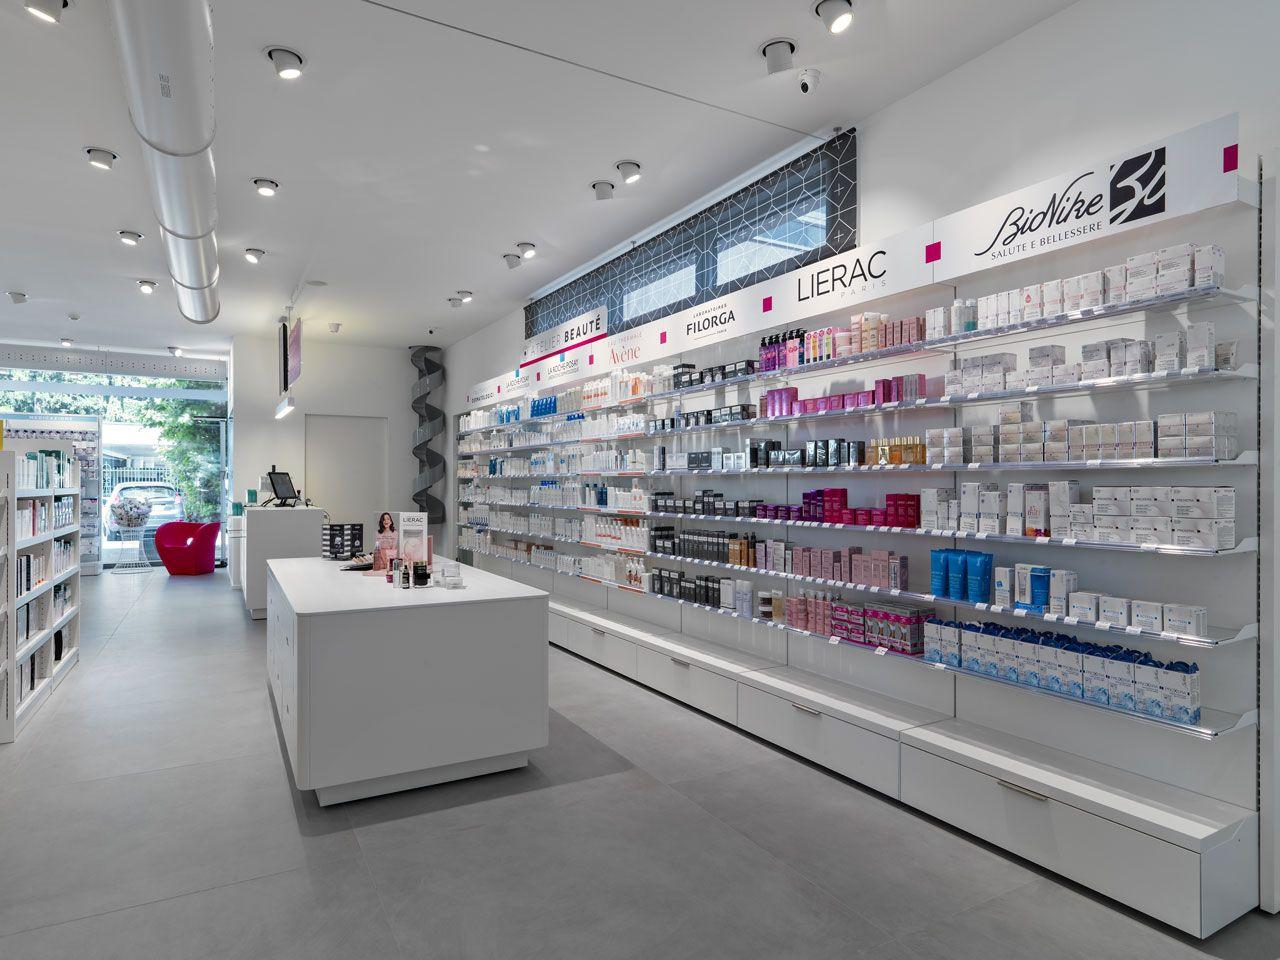 Una Nuova Farmacia Dei Servizi Modernita Semplicita E Ordine Interni Di Negozio Farmacia Moderno